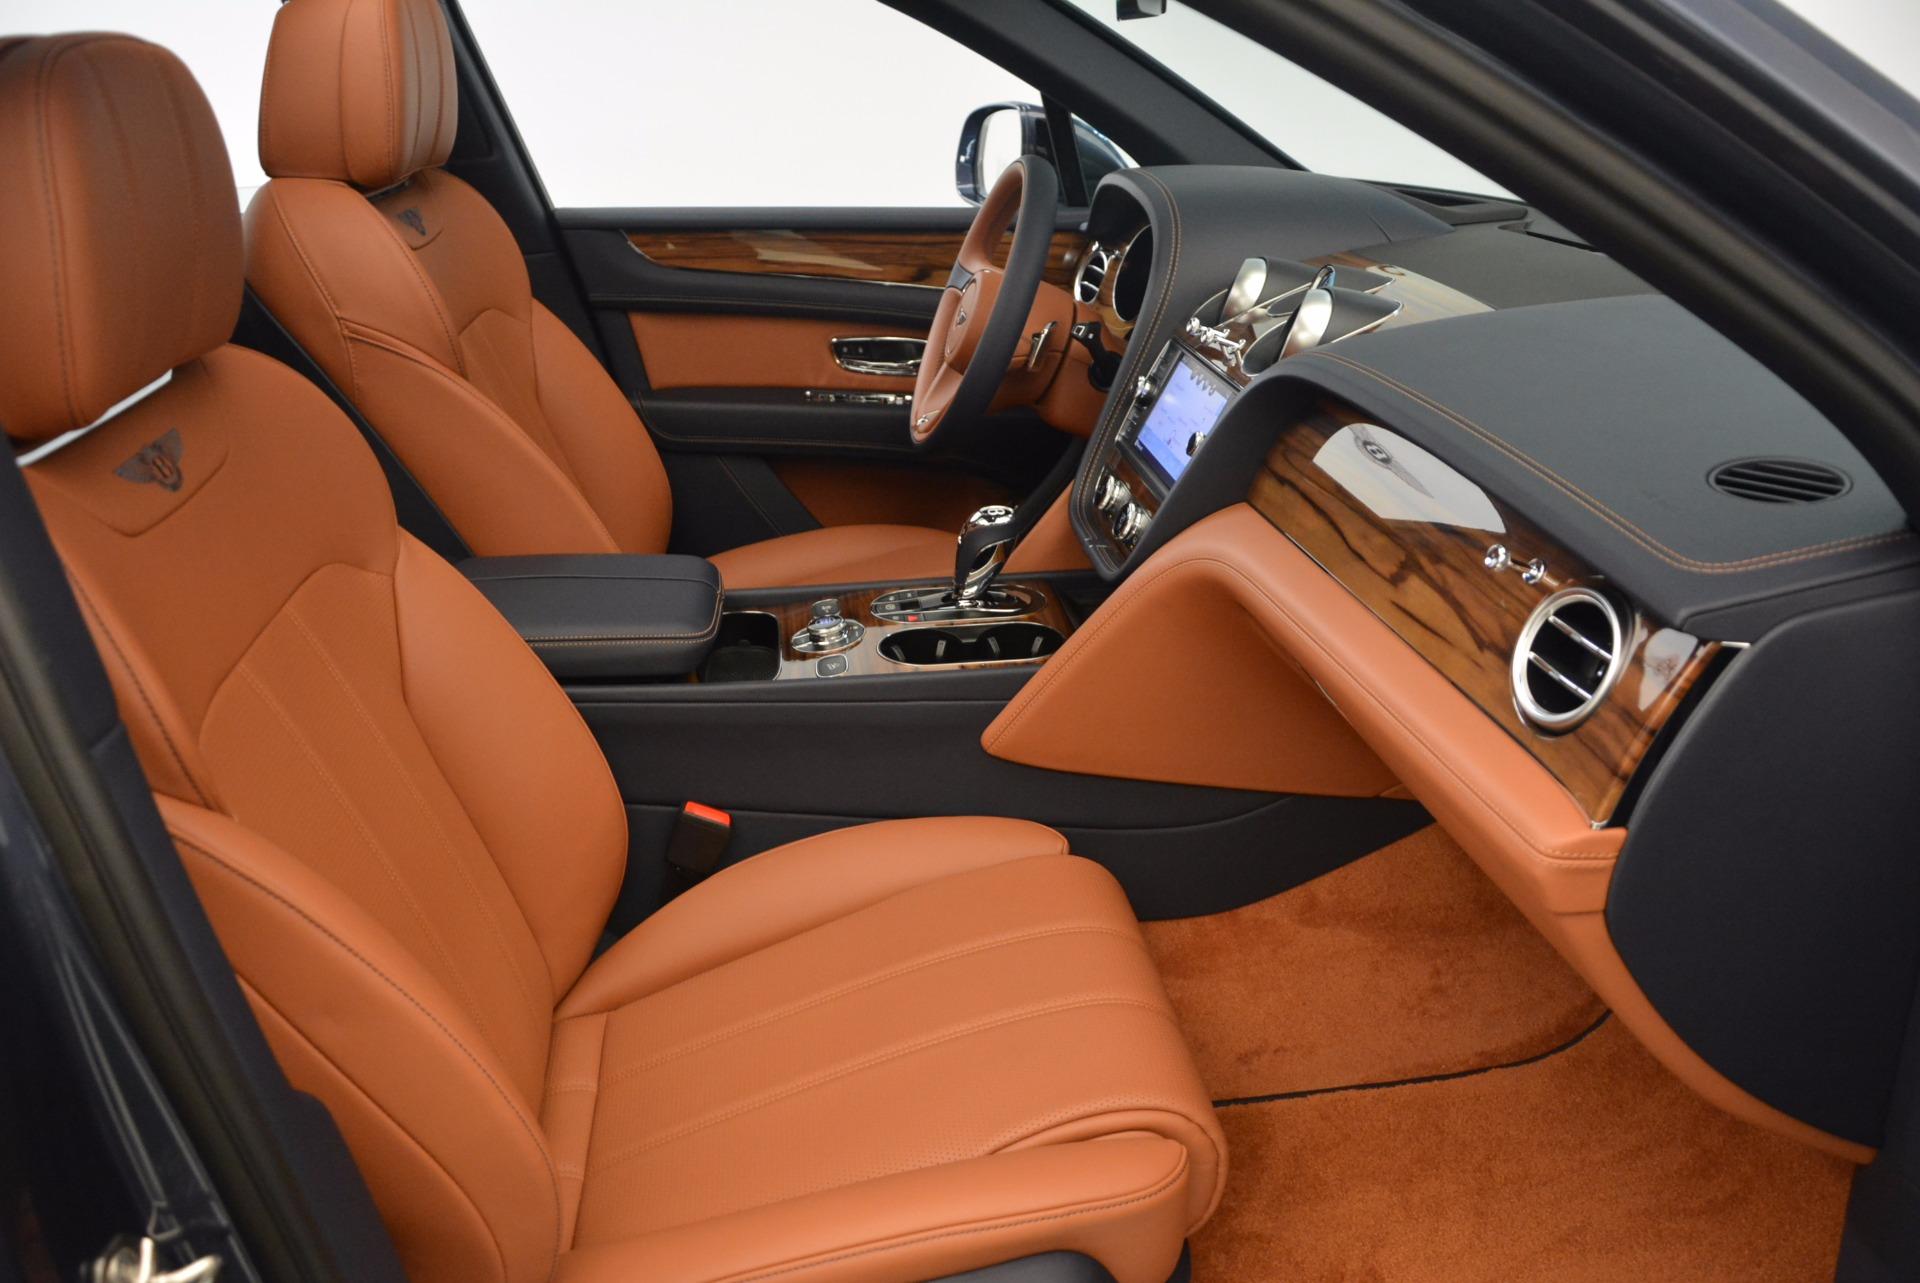 Used 2018 Bentley Bentayga Onyx For Sale In Westport, CT 1651_p28